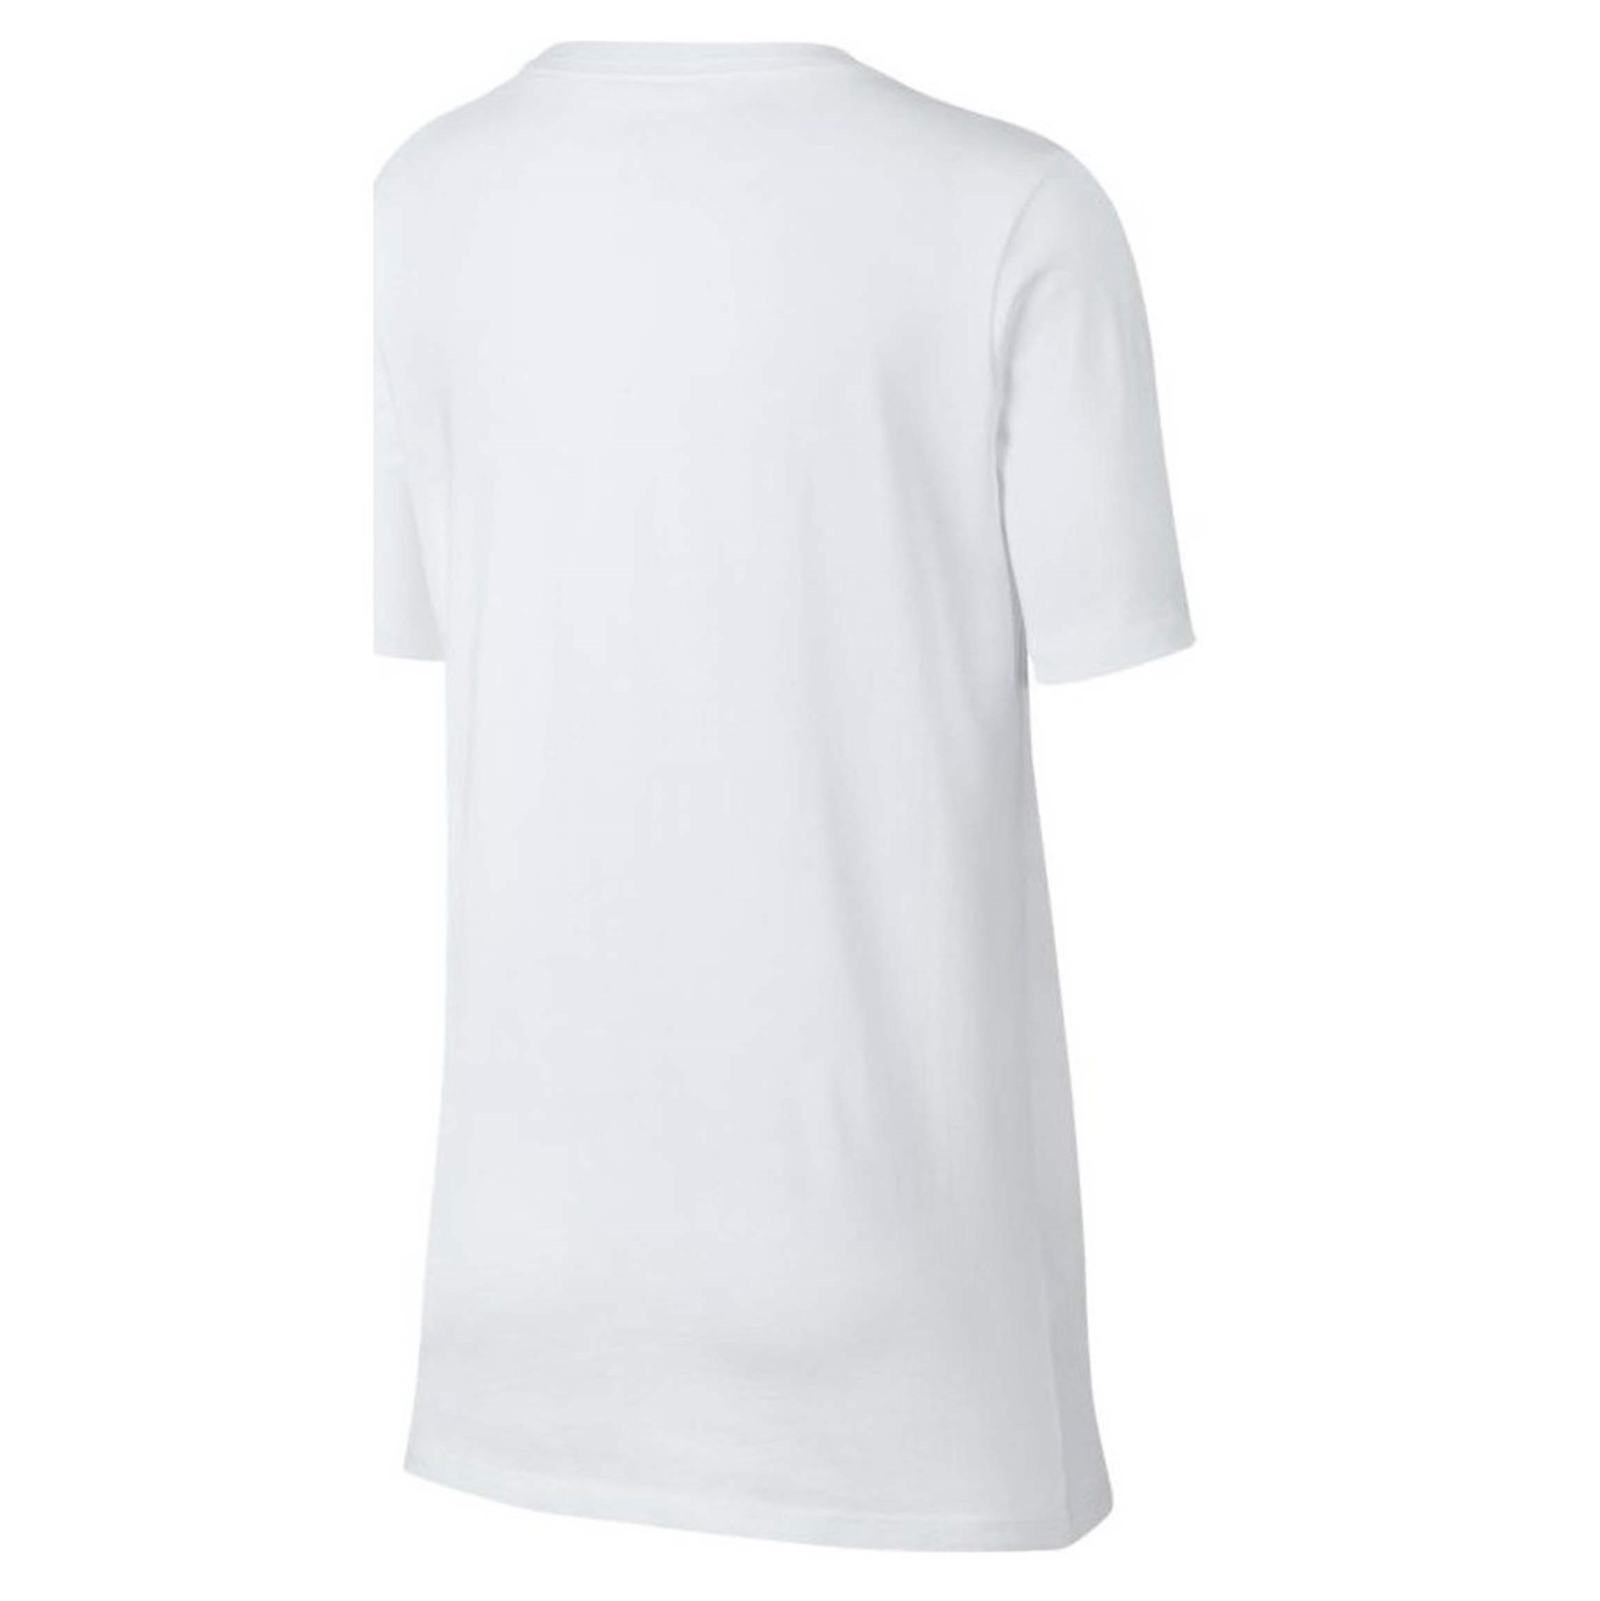 تی شرت ورزشی آستین کوتاه پسرانه Air Liberty - نایکی - سفيد - 4